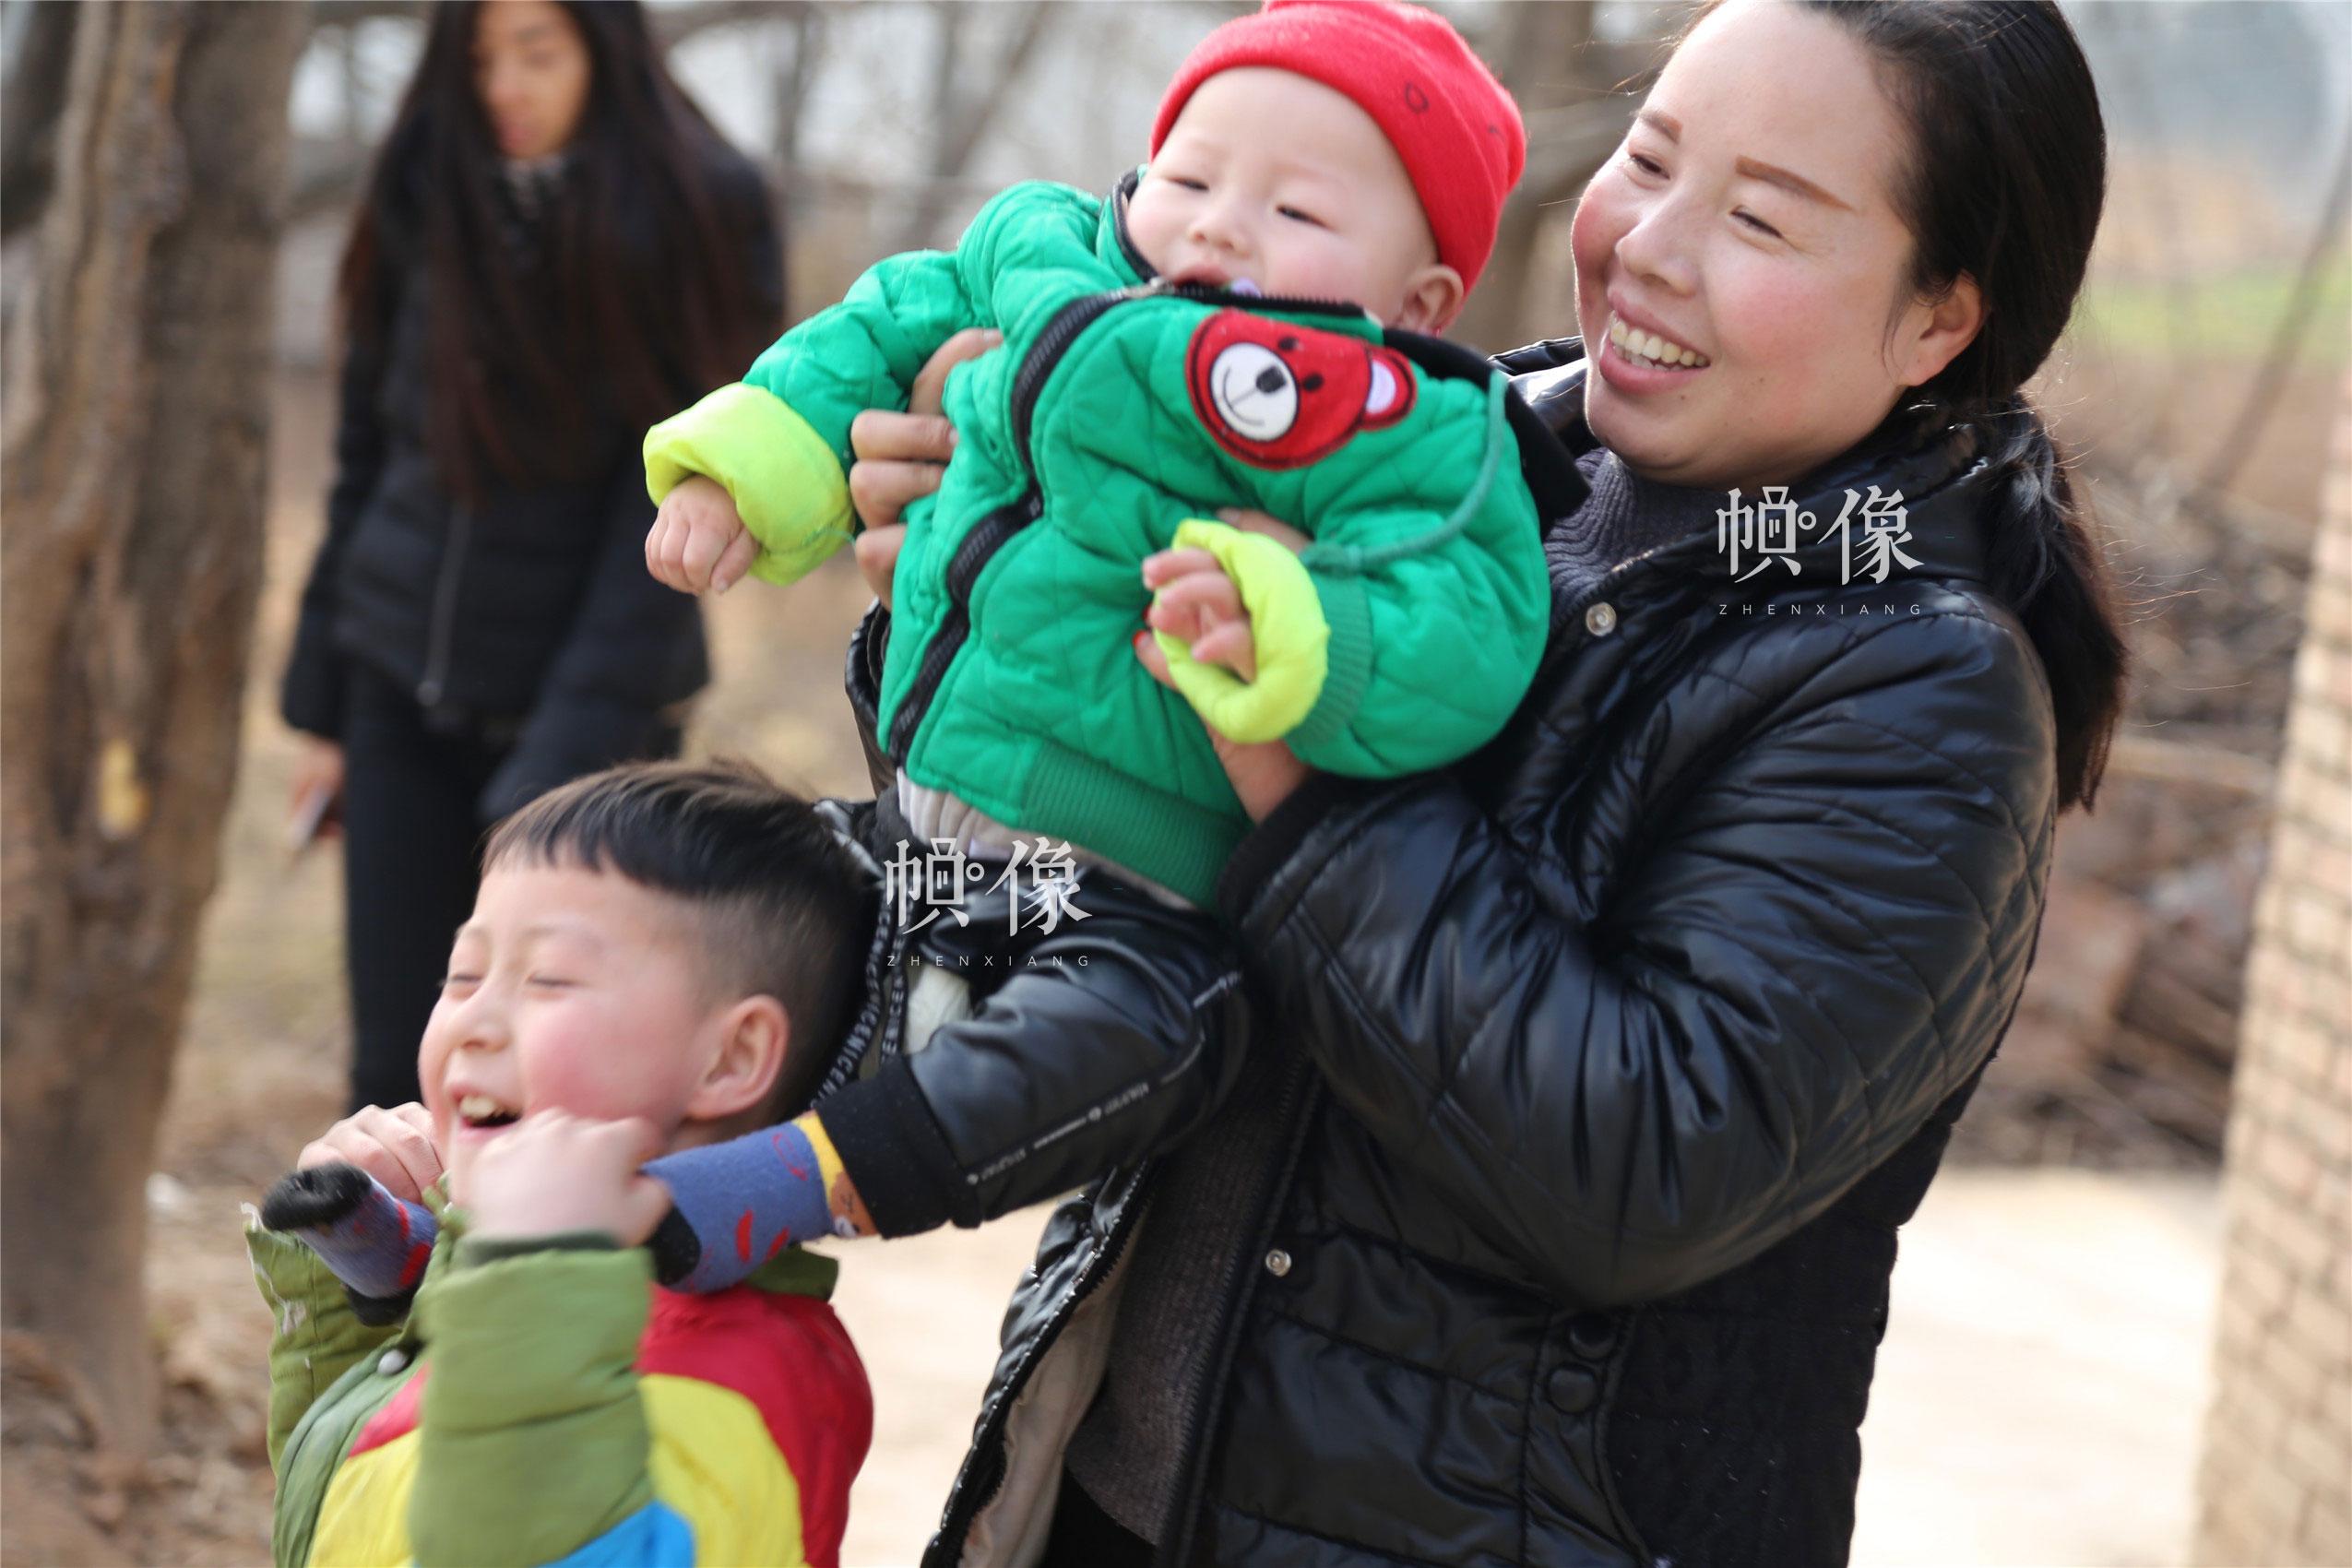 2018年1月22日,甘肃省陇南市西和县,听障儿童潘小明与哥哥和妈妈玩耍。中国网实习记者 李逸奇 摄